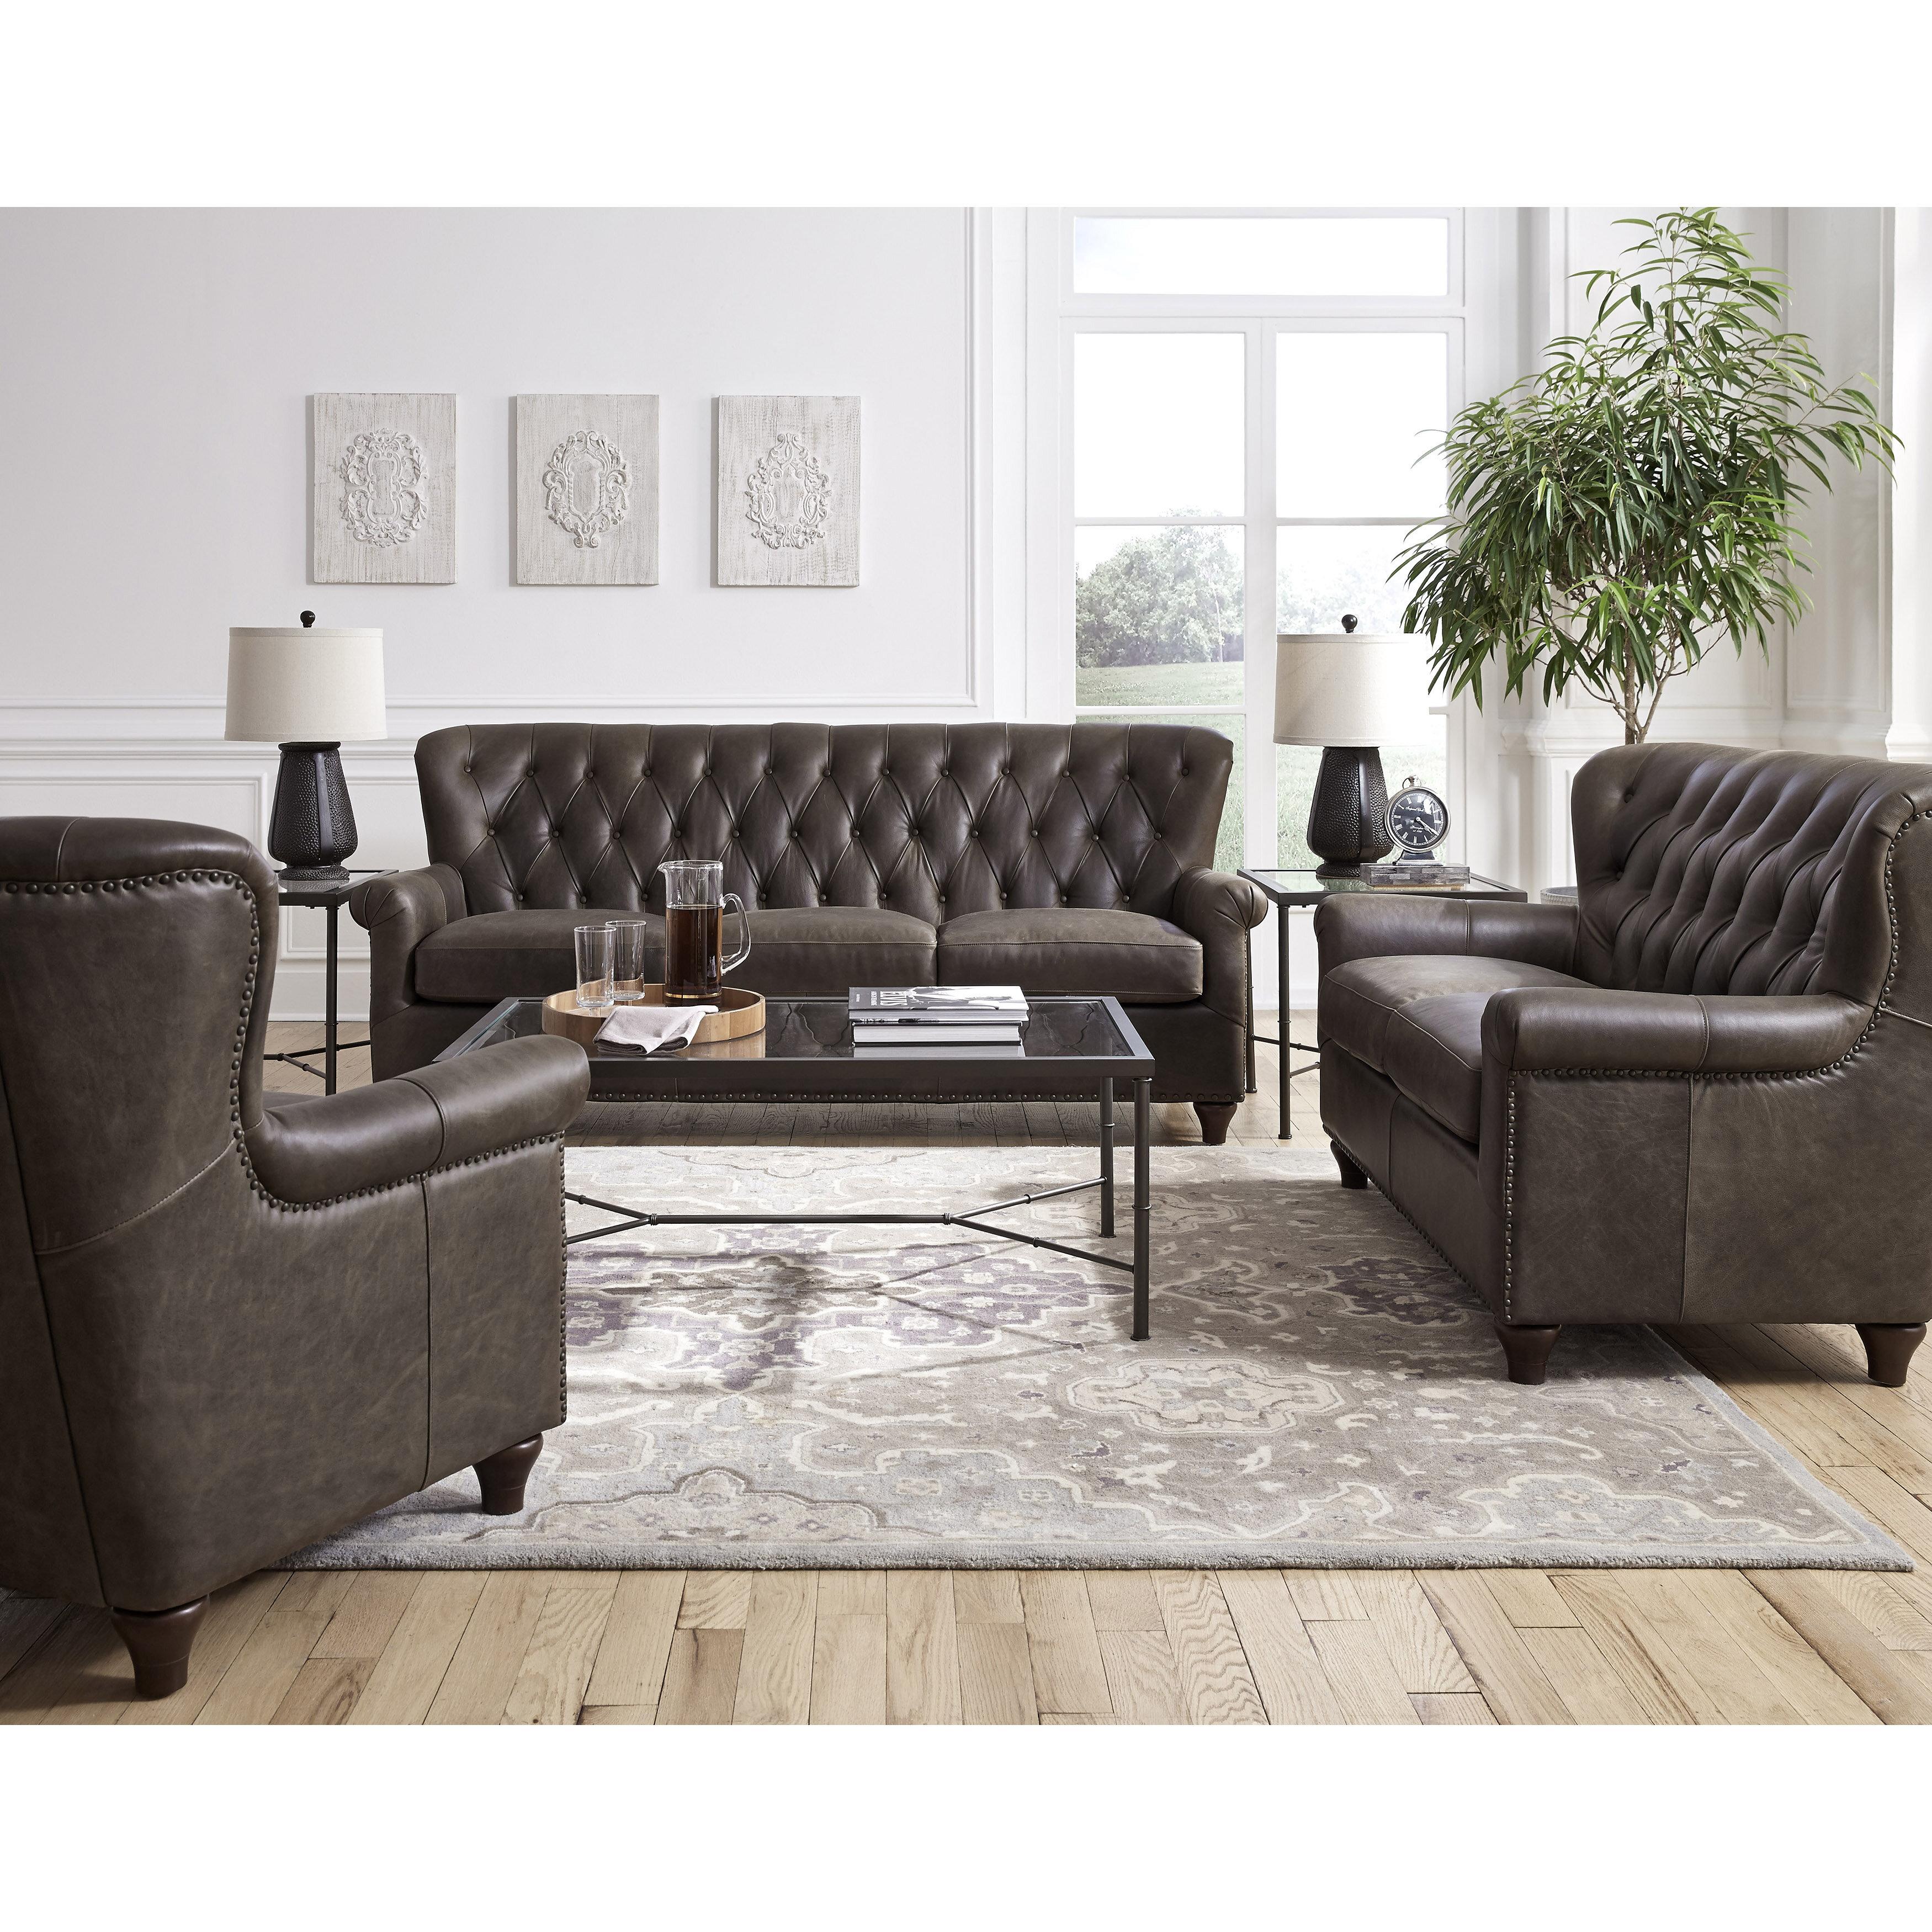 Coastal Farmhouse Larchmont 3 Piece Leather Living Room Set Reviews Wayfair